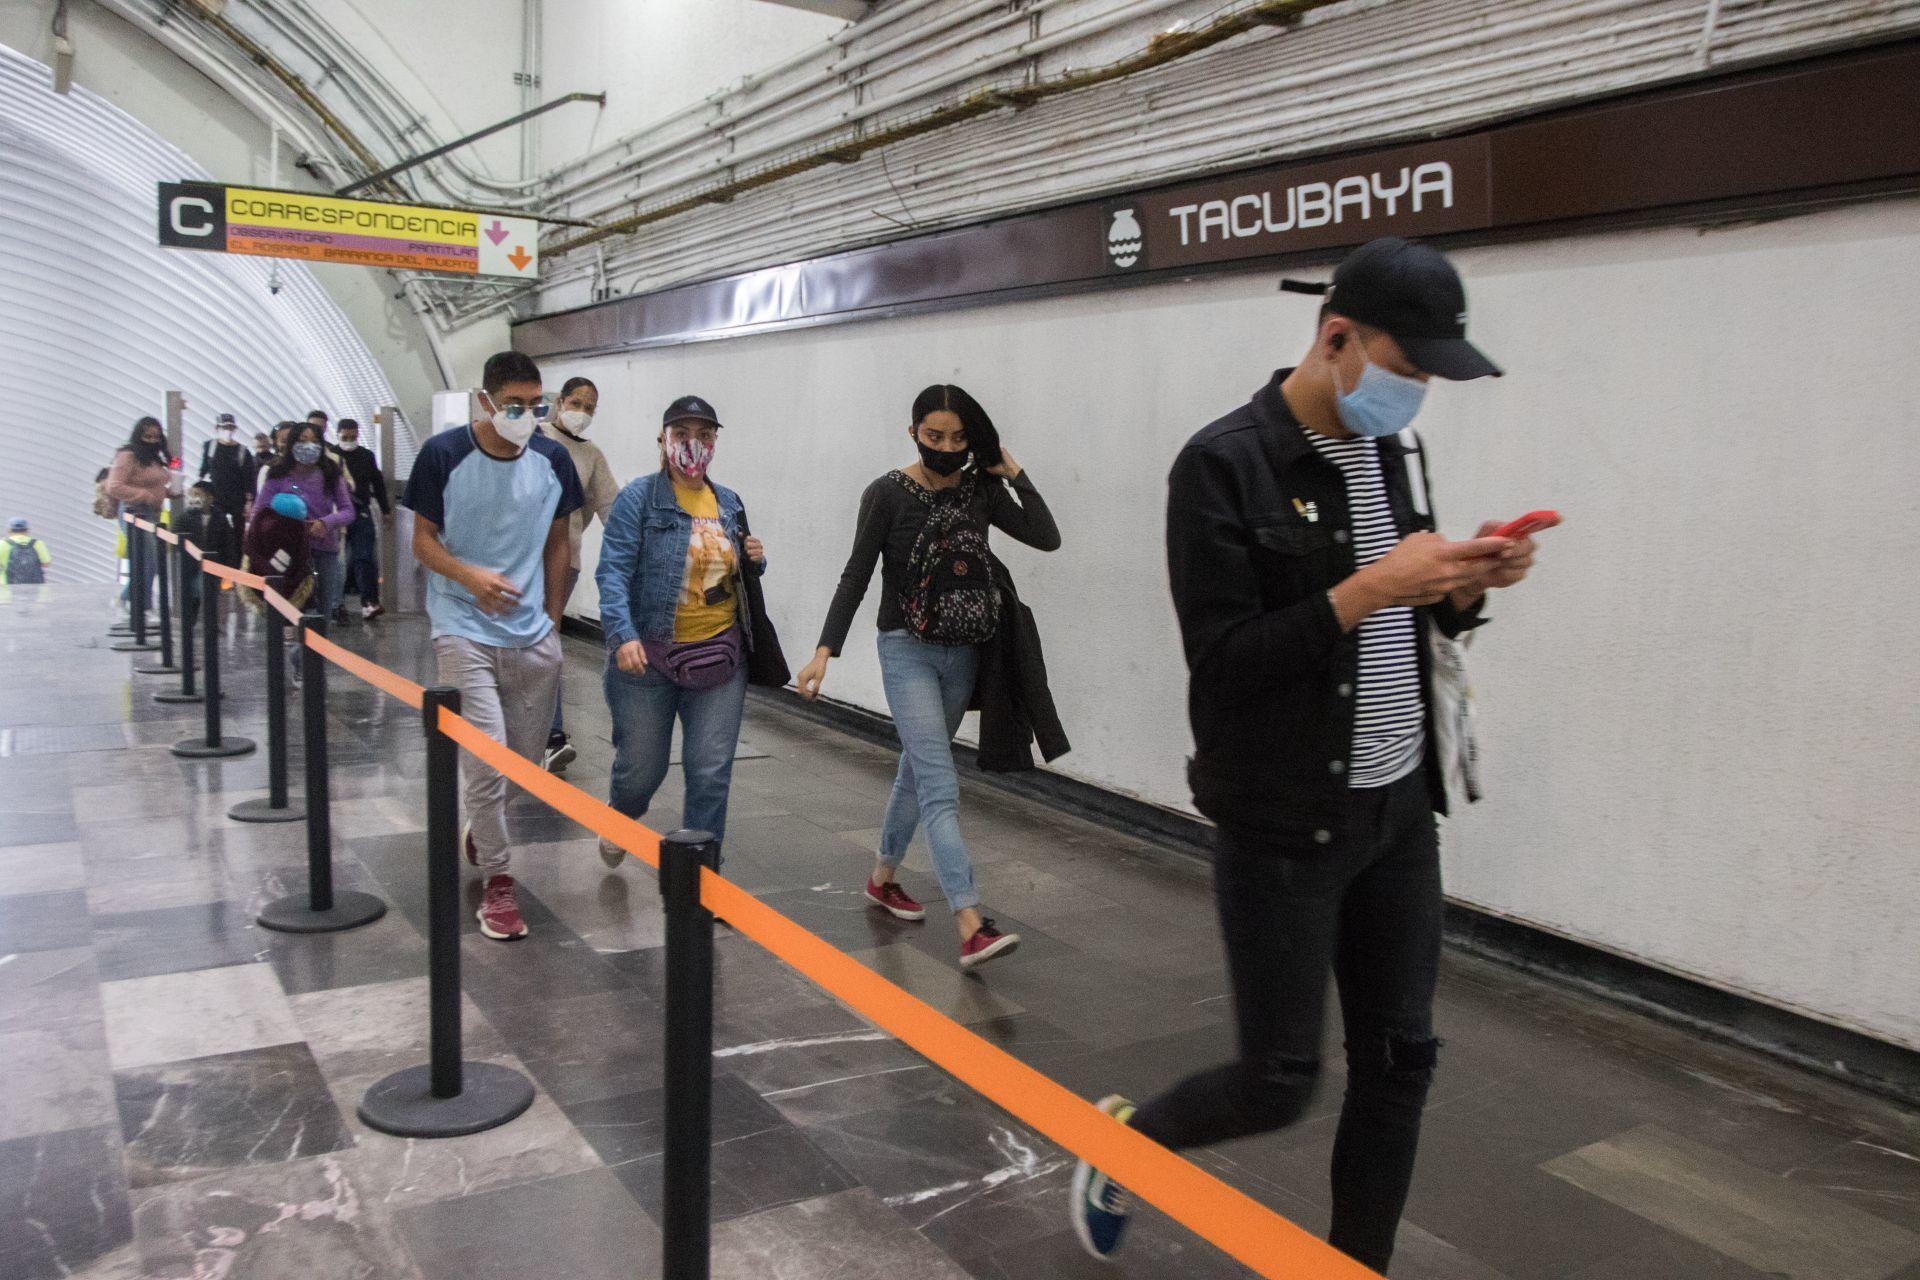 9 de enero de 2021. Ciudad de México. Las líneas 4, 5 y 6 del Sistema de Transporte Colectivo Metro, de la Ciudad, quedaran listas el día de mañana. Las 1,2 y 3 tardaran más tiempo informaron autoridades del Gobierno de la Ciudad.